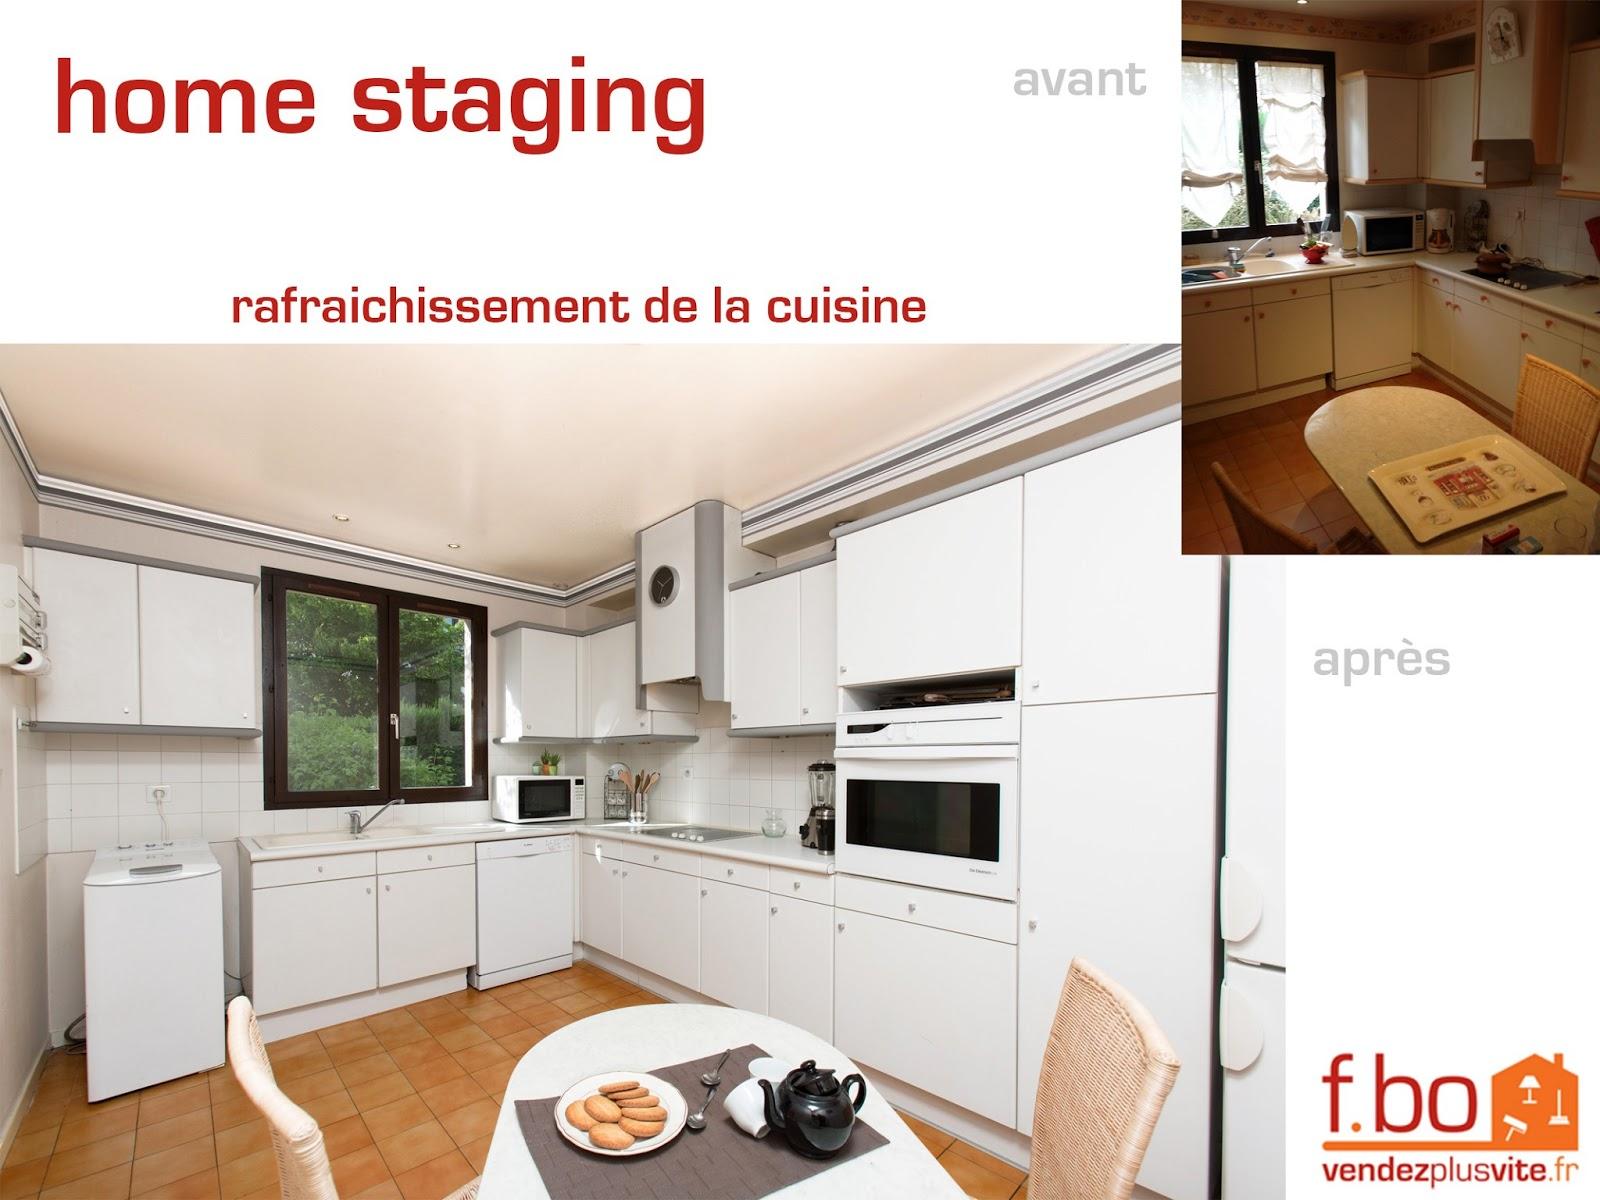 Vendez plus vite votre bien ma derni re r alisation en - Cuisine home staging ...